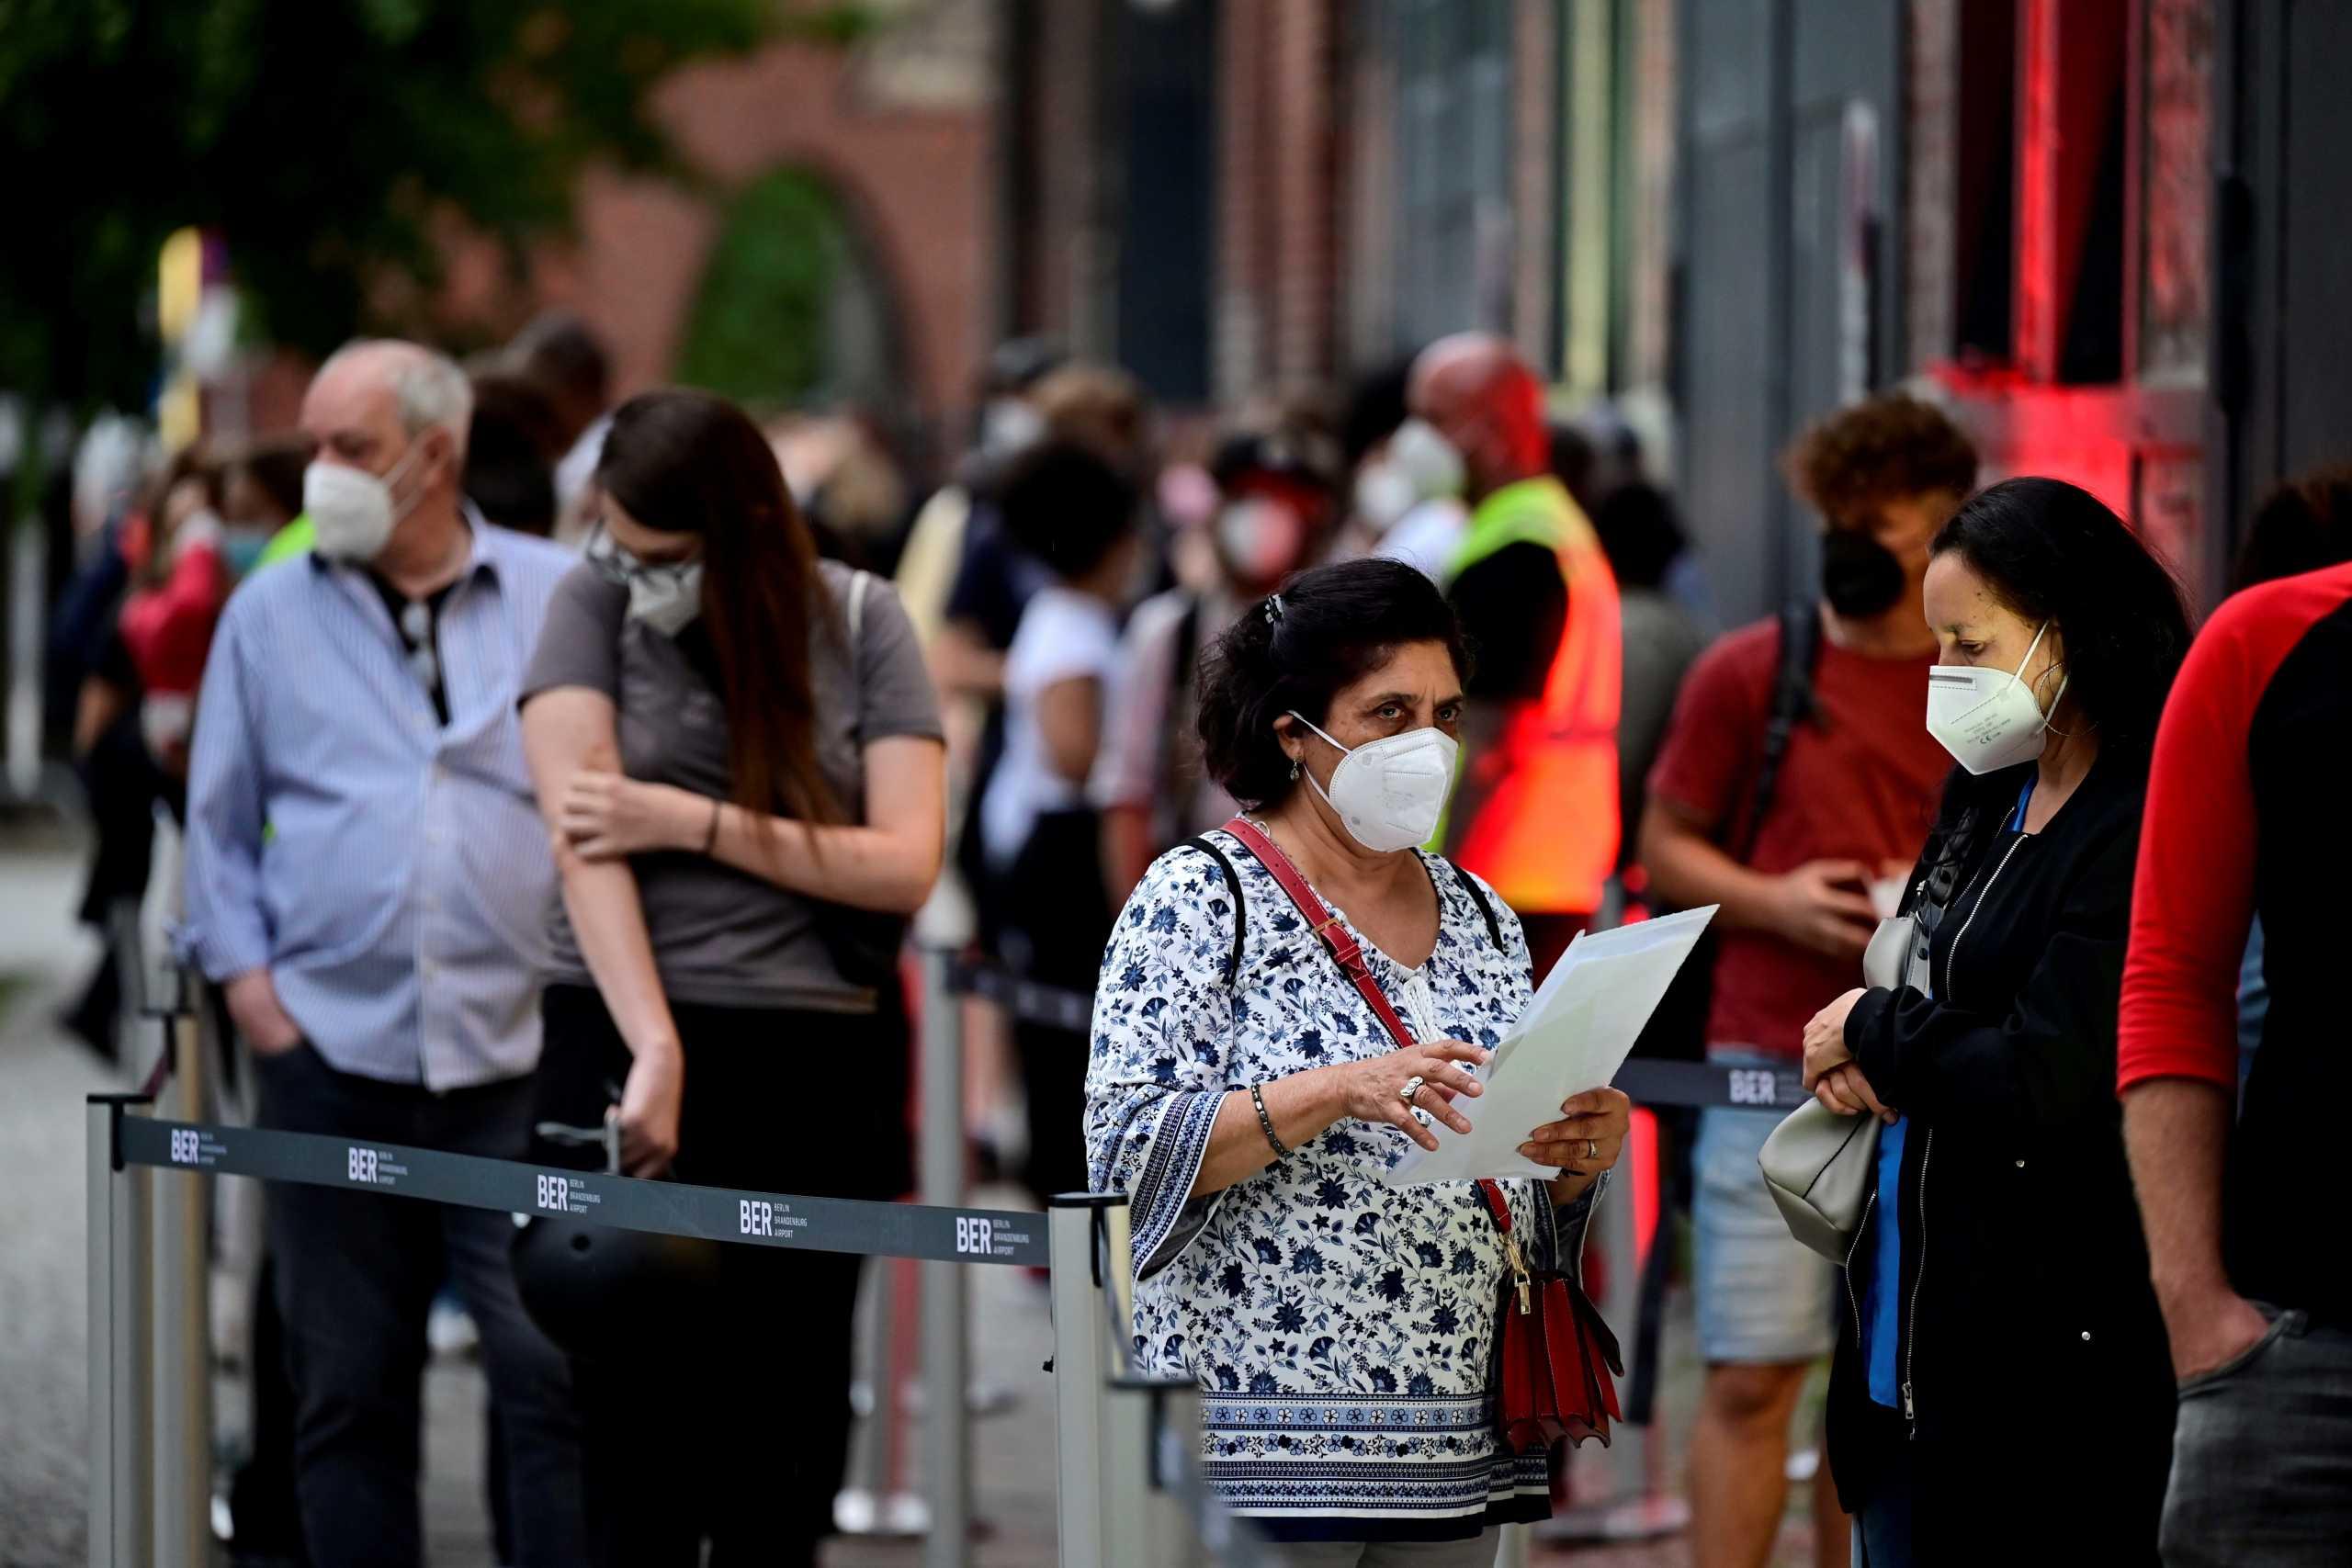 Γερμανία: Σχεδόν 3.700 κρούσματα κορονοϊού σε ένα 24ωρο